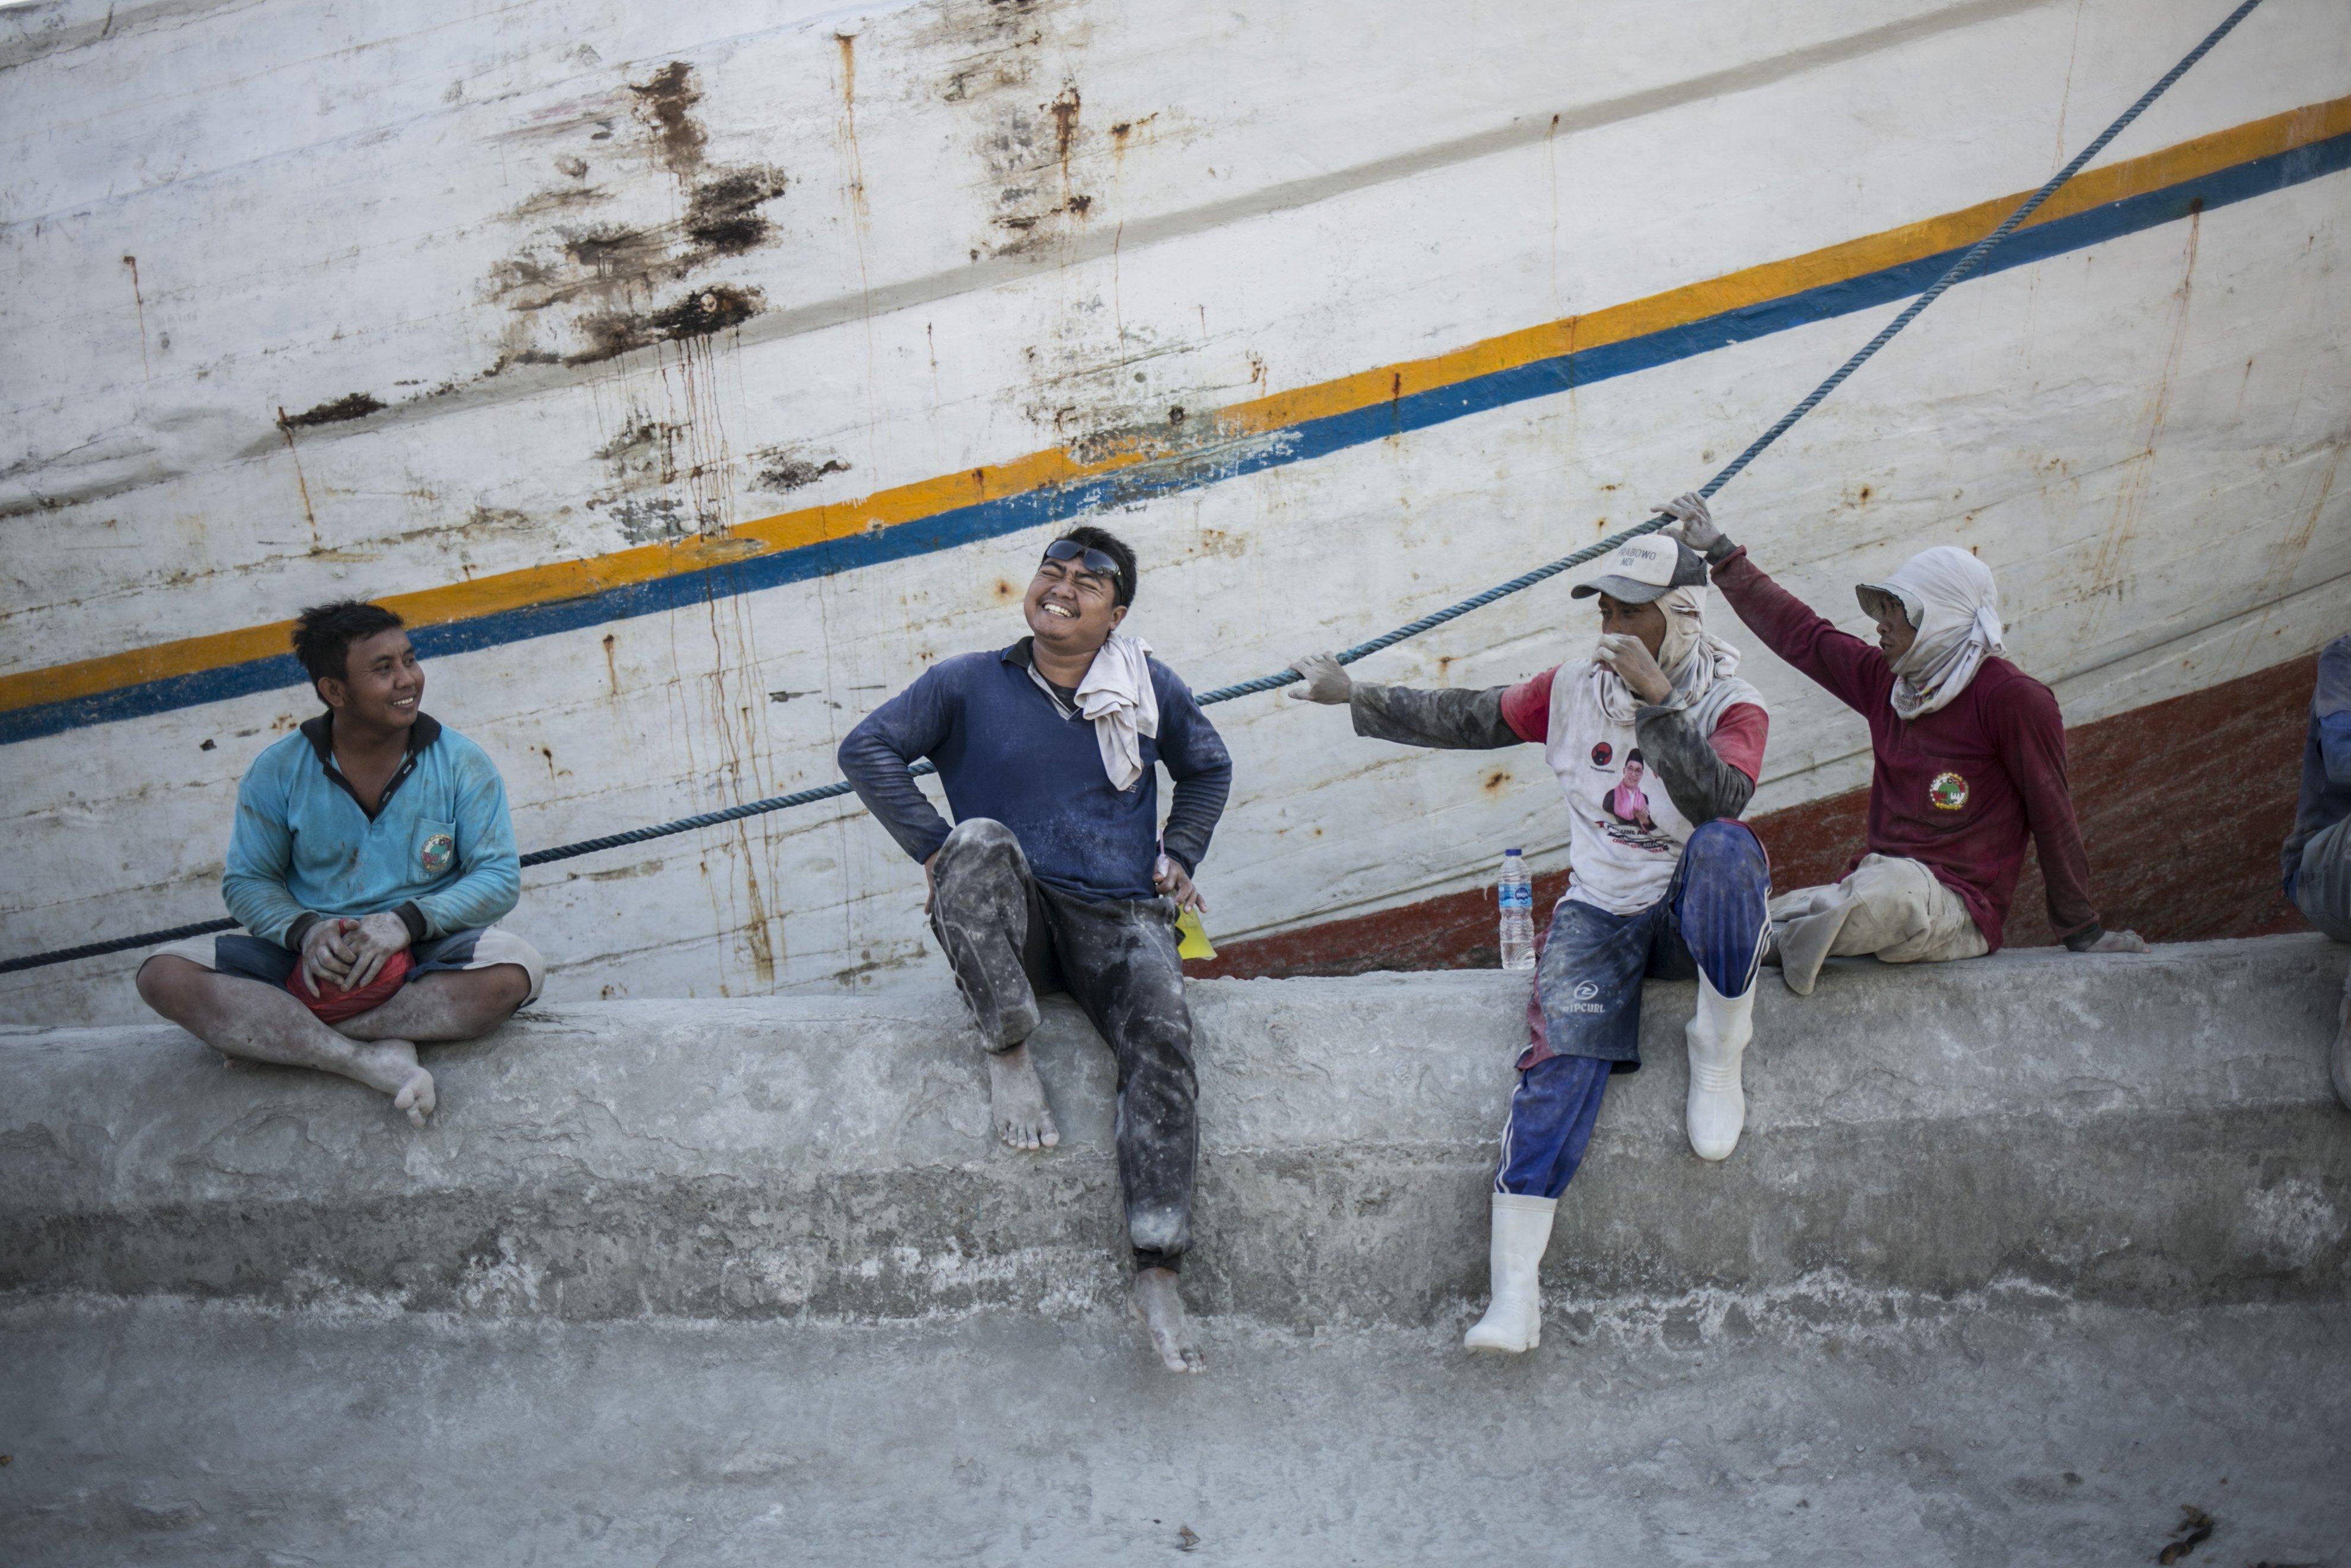 Para pekerja angkut barang beristirahat di sela-sela pekerjaan di Pelabuhan Sunda Kelapa, Jakarta Utara, Senin (27/7/2020). Aktivitas di Pelabuhan Sunda Kelapa berangsur normal seperti biasa walaupun di tengah pandemi virus Corona (COVID-19).